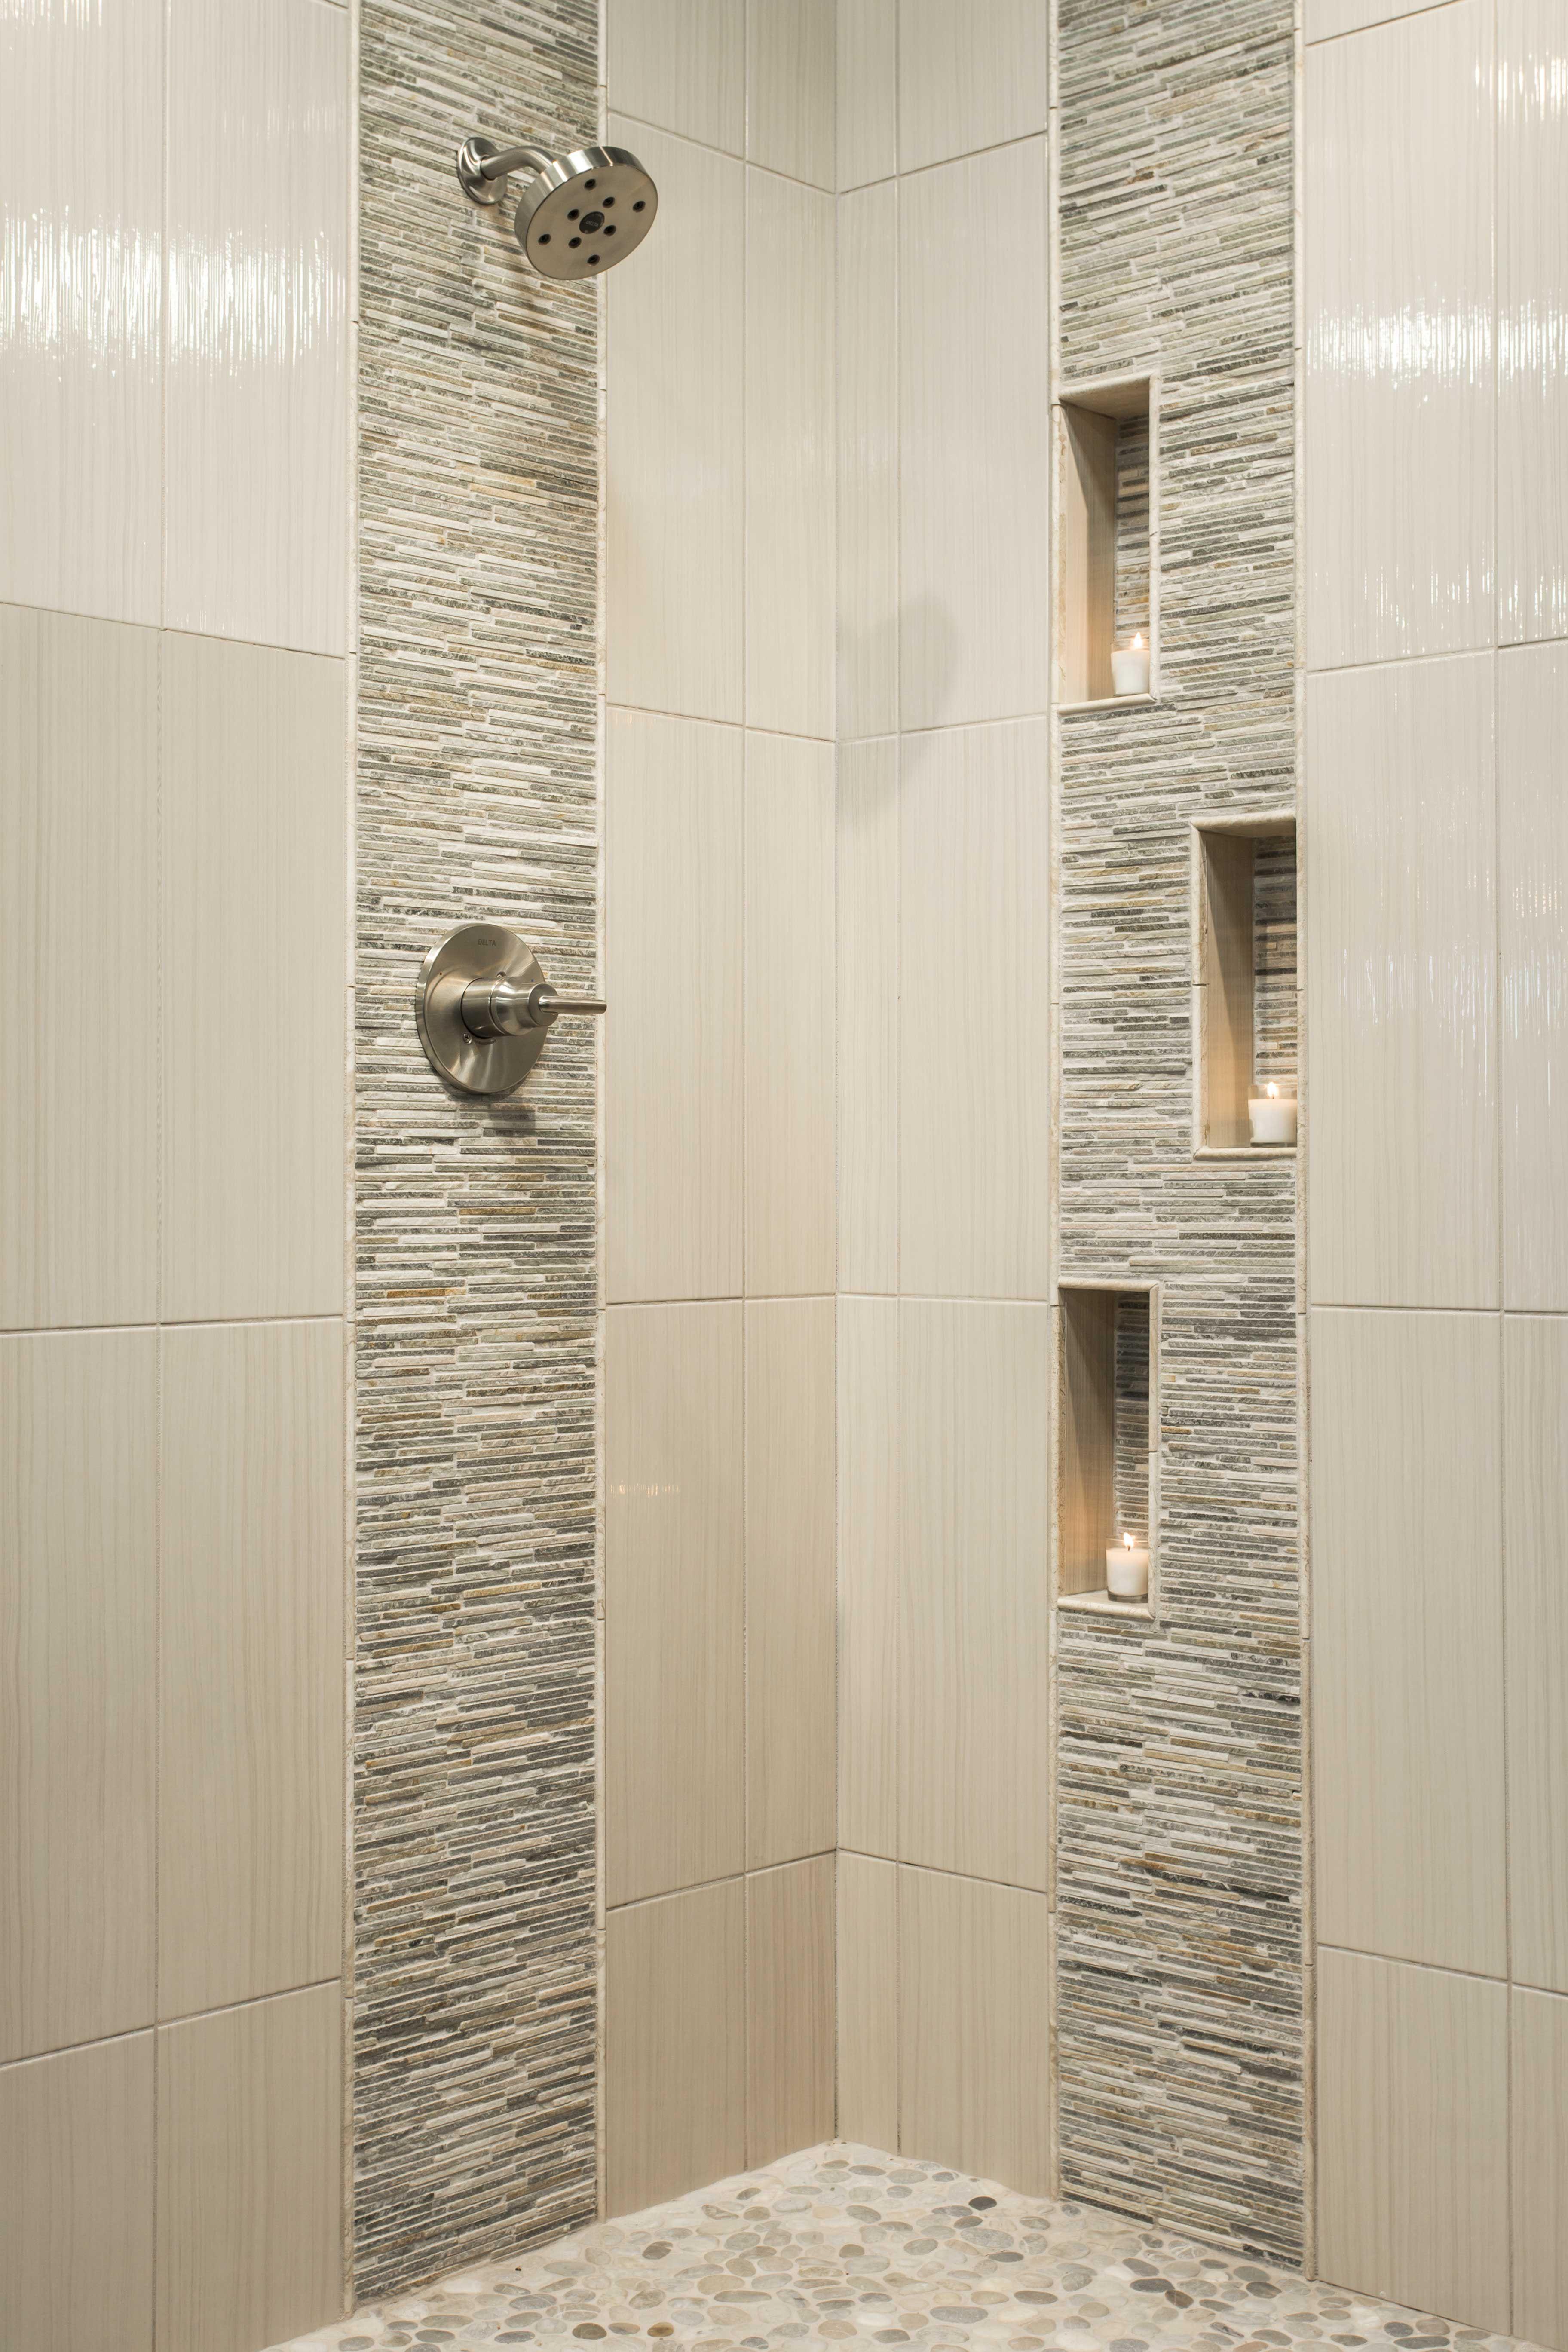 Bathroom Shower Tile - Design